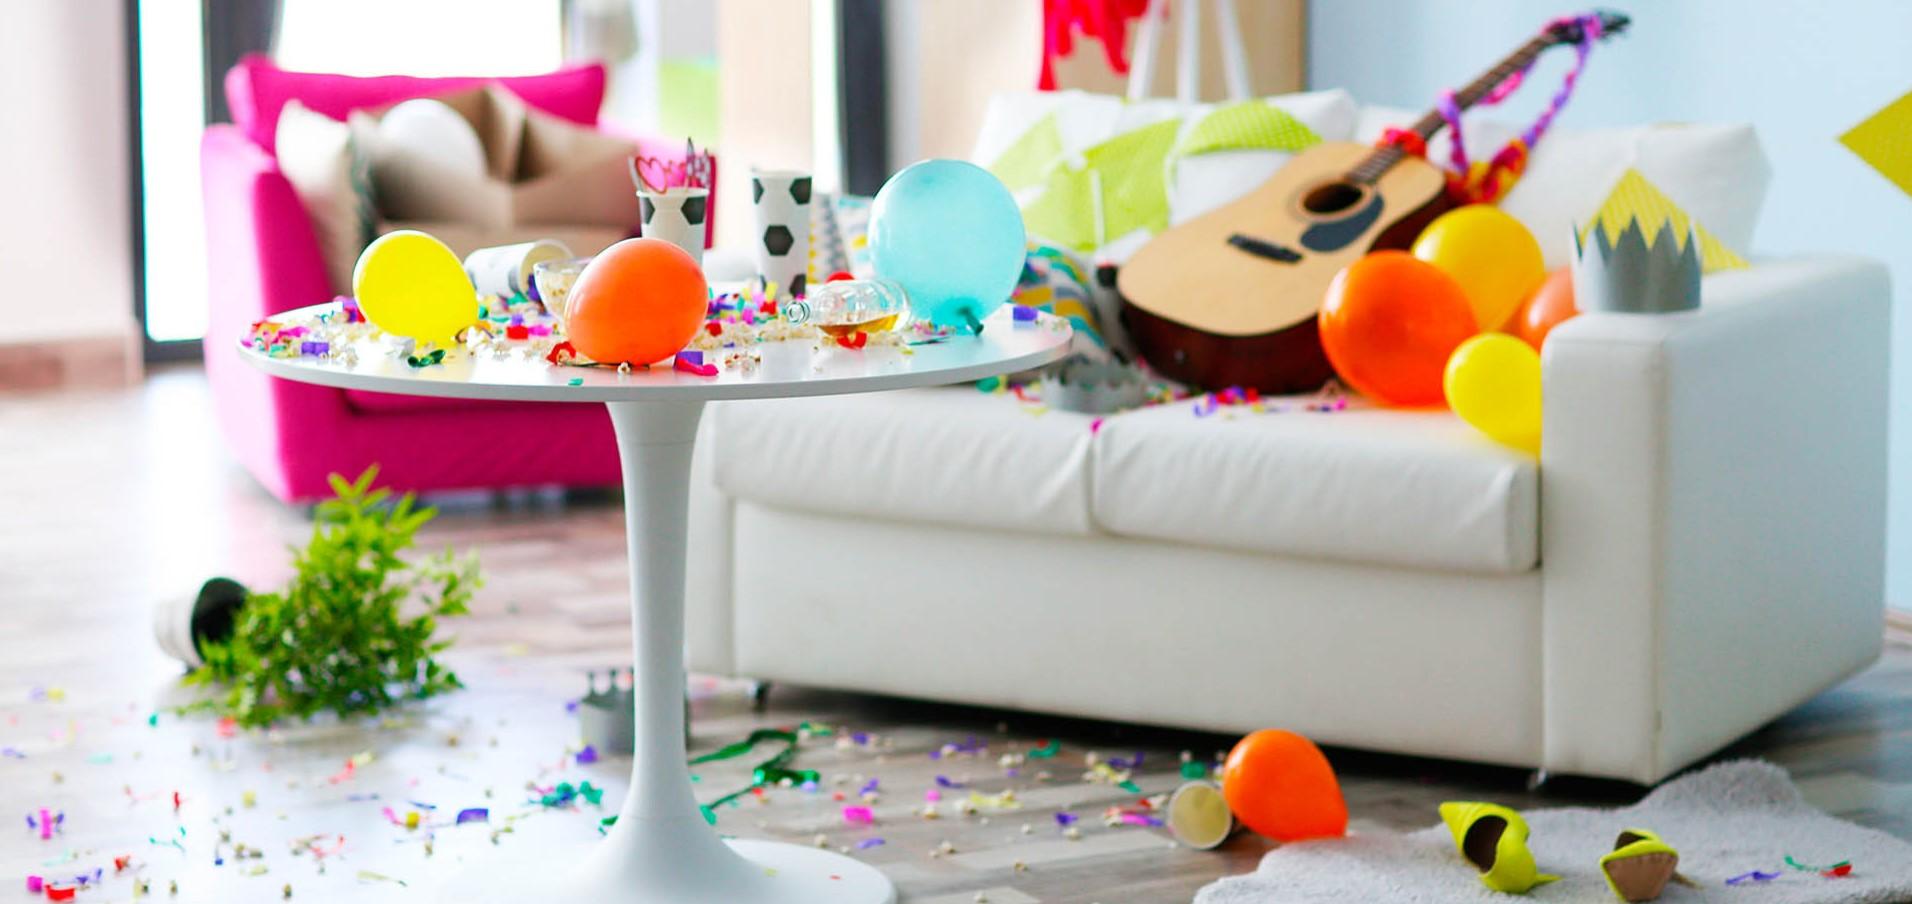 Квартира после праздников: как быстро привести в порядок